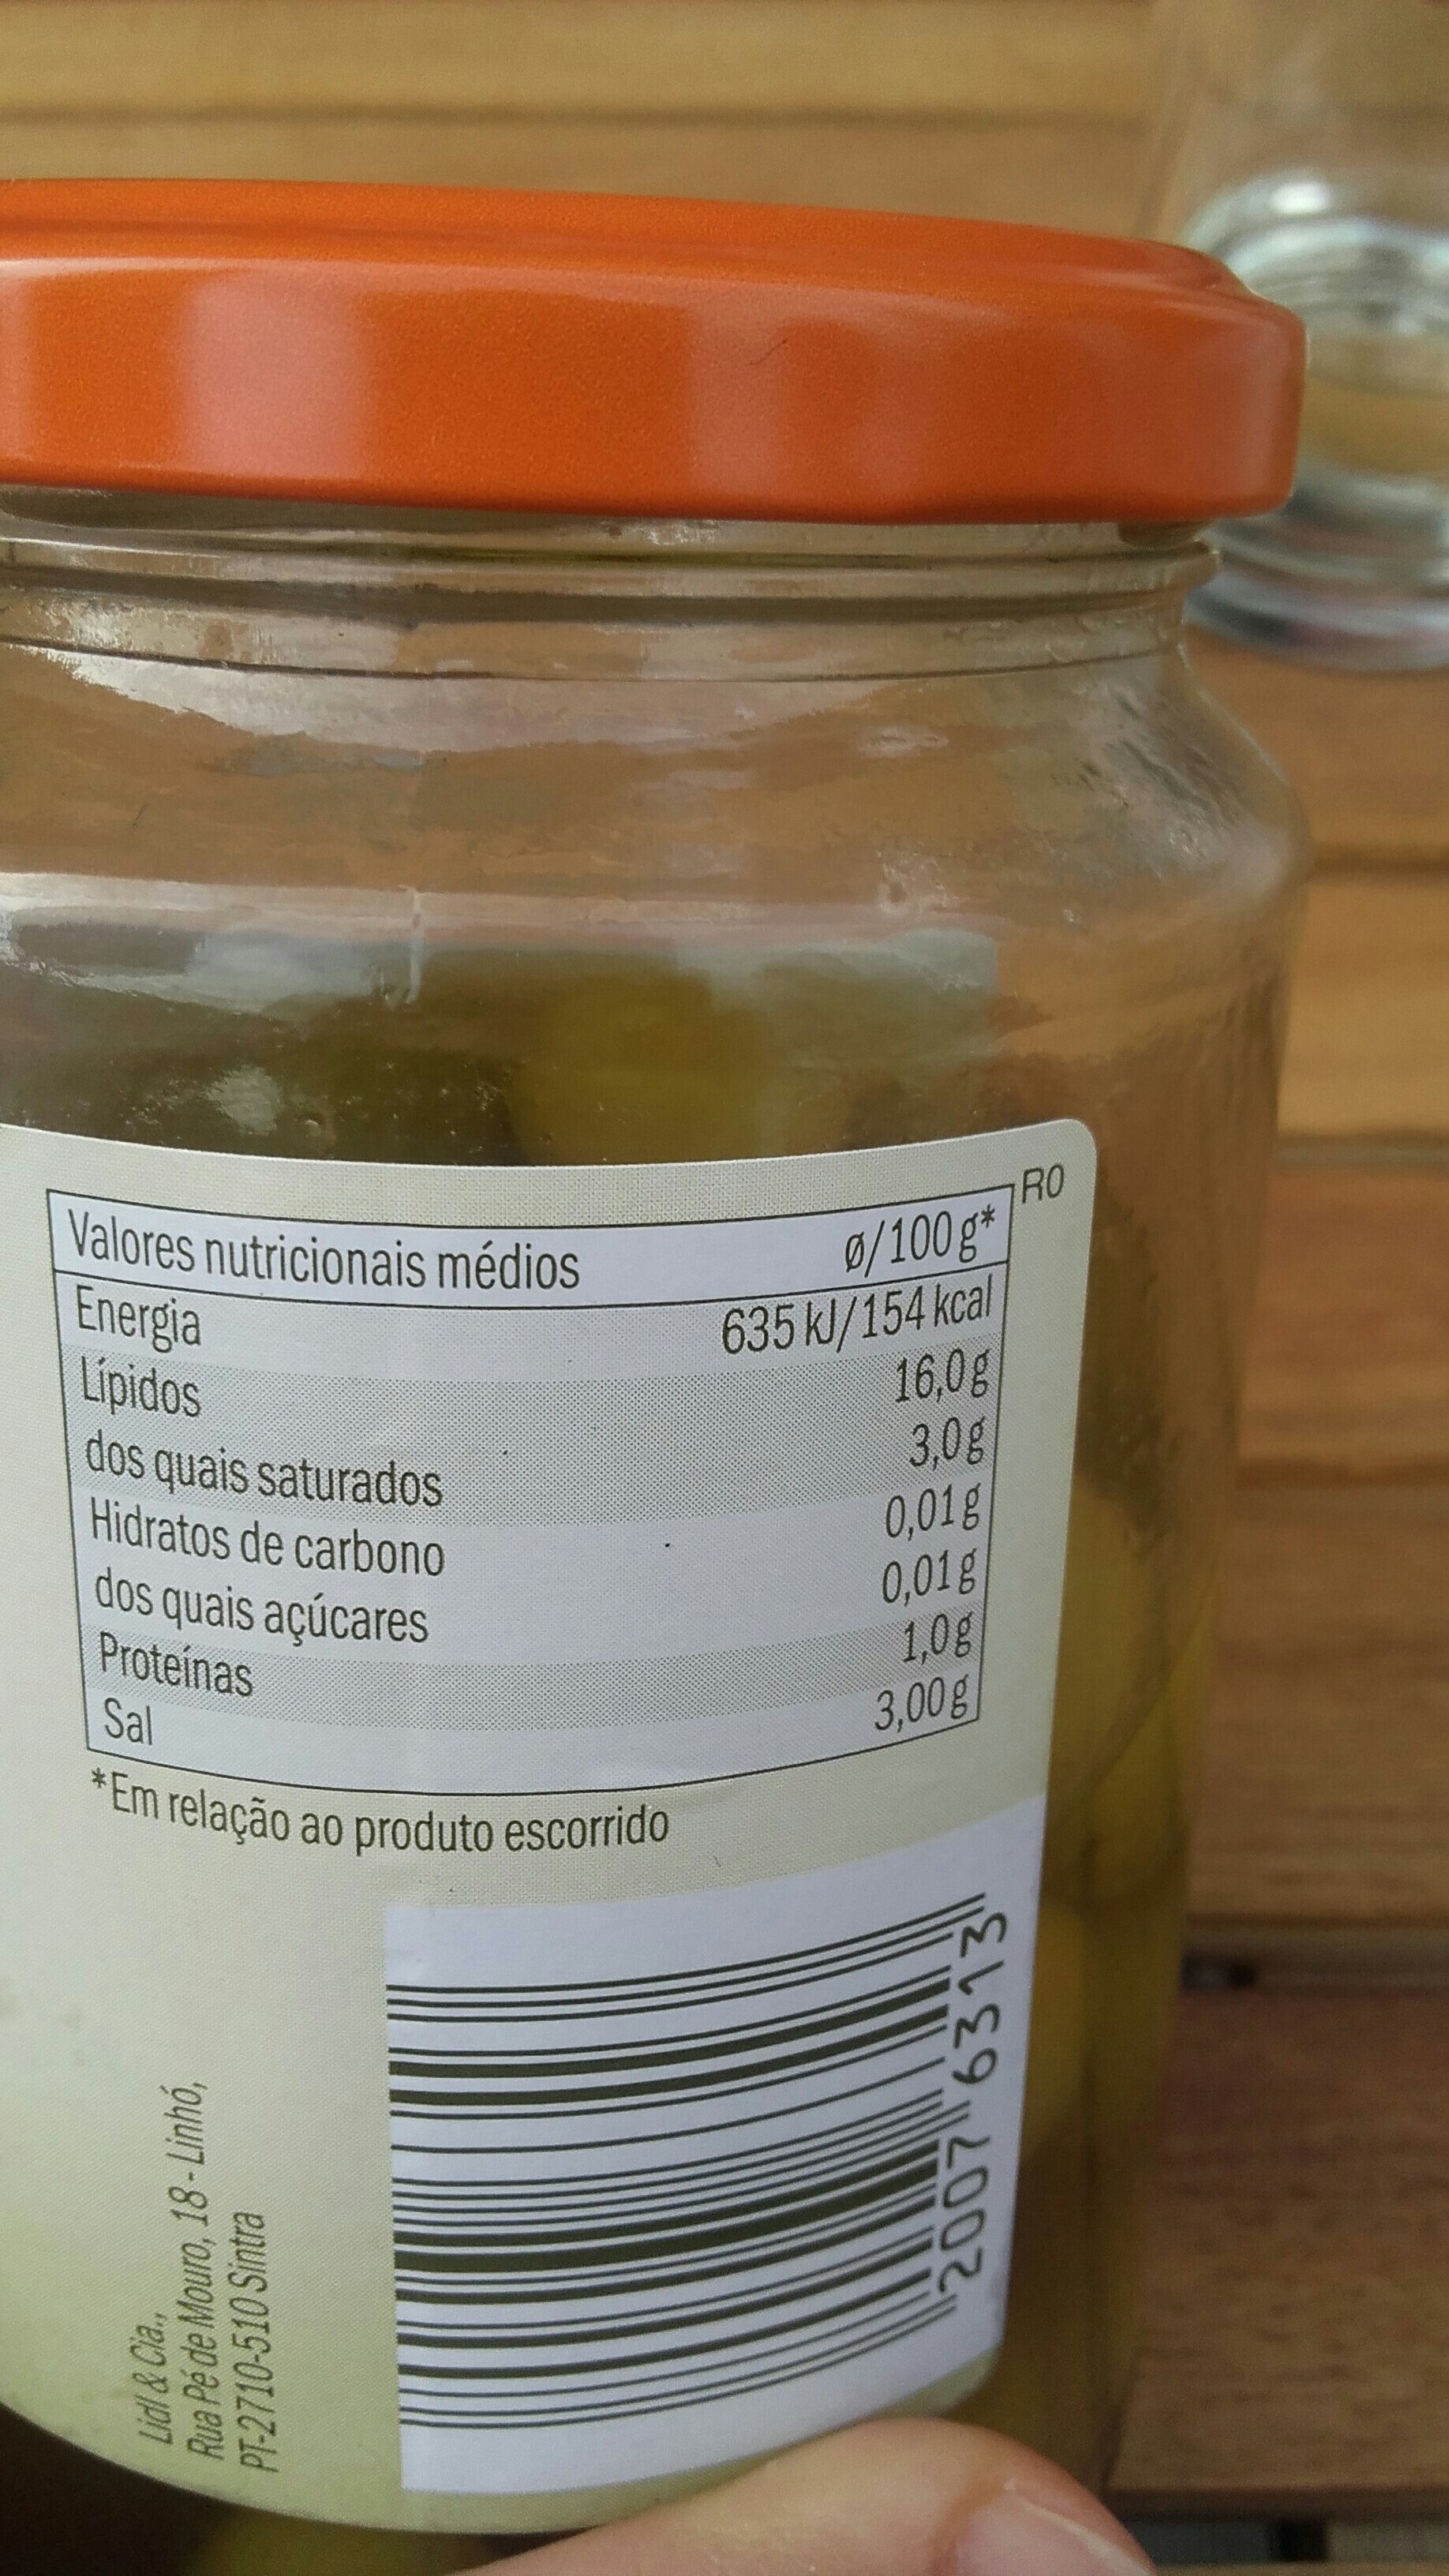 Azeitonas verdes recheadas com pimento - Informations nutritionnelles